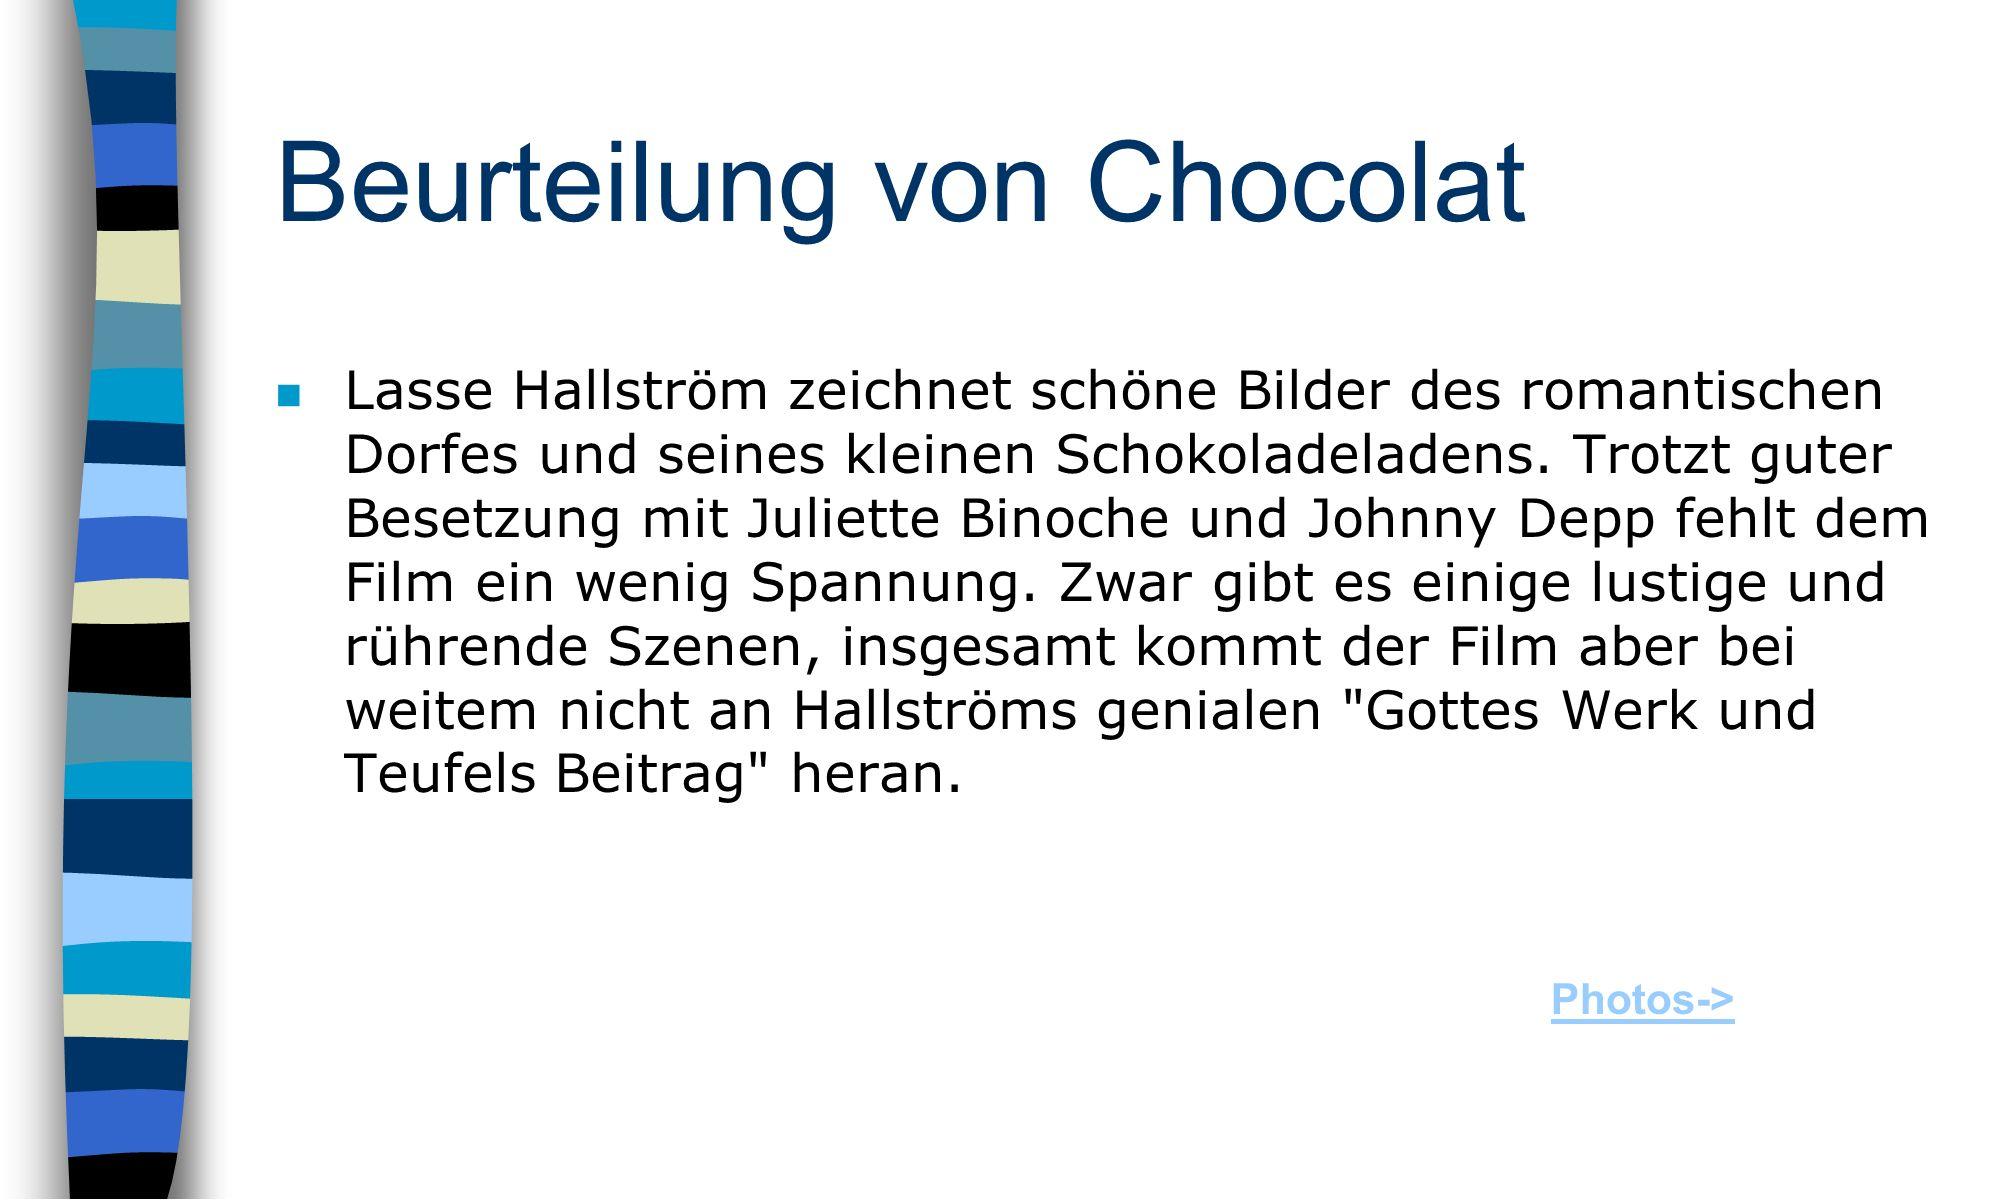 Beurteilung von Chocolat Lasse Hallström zeichnet schöne Bilder des romantischen Dorfes und seines kleinen Schokoladeladens.